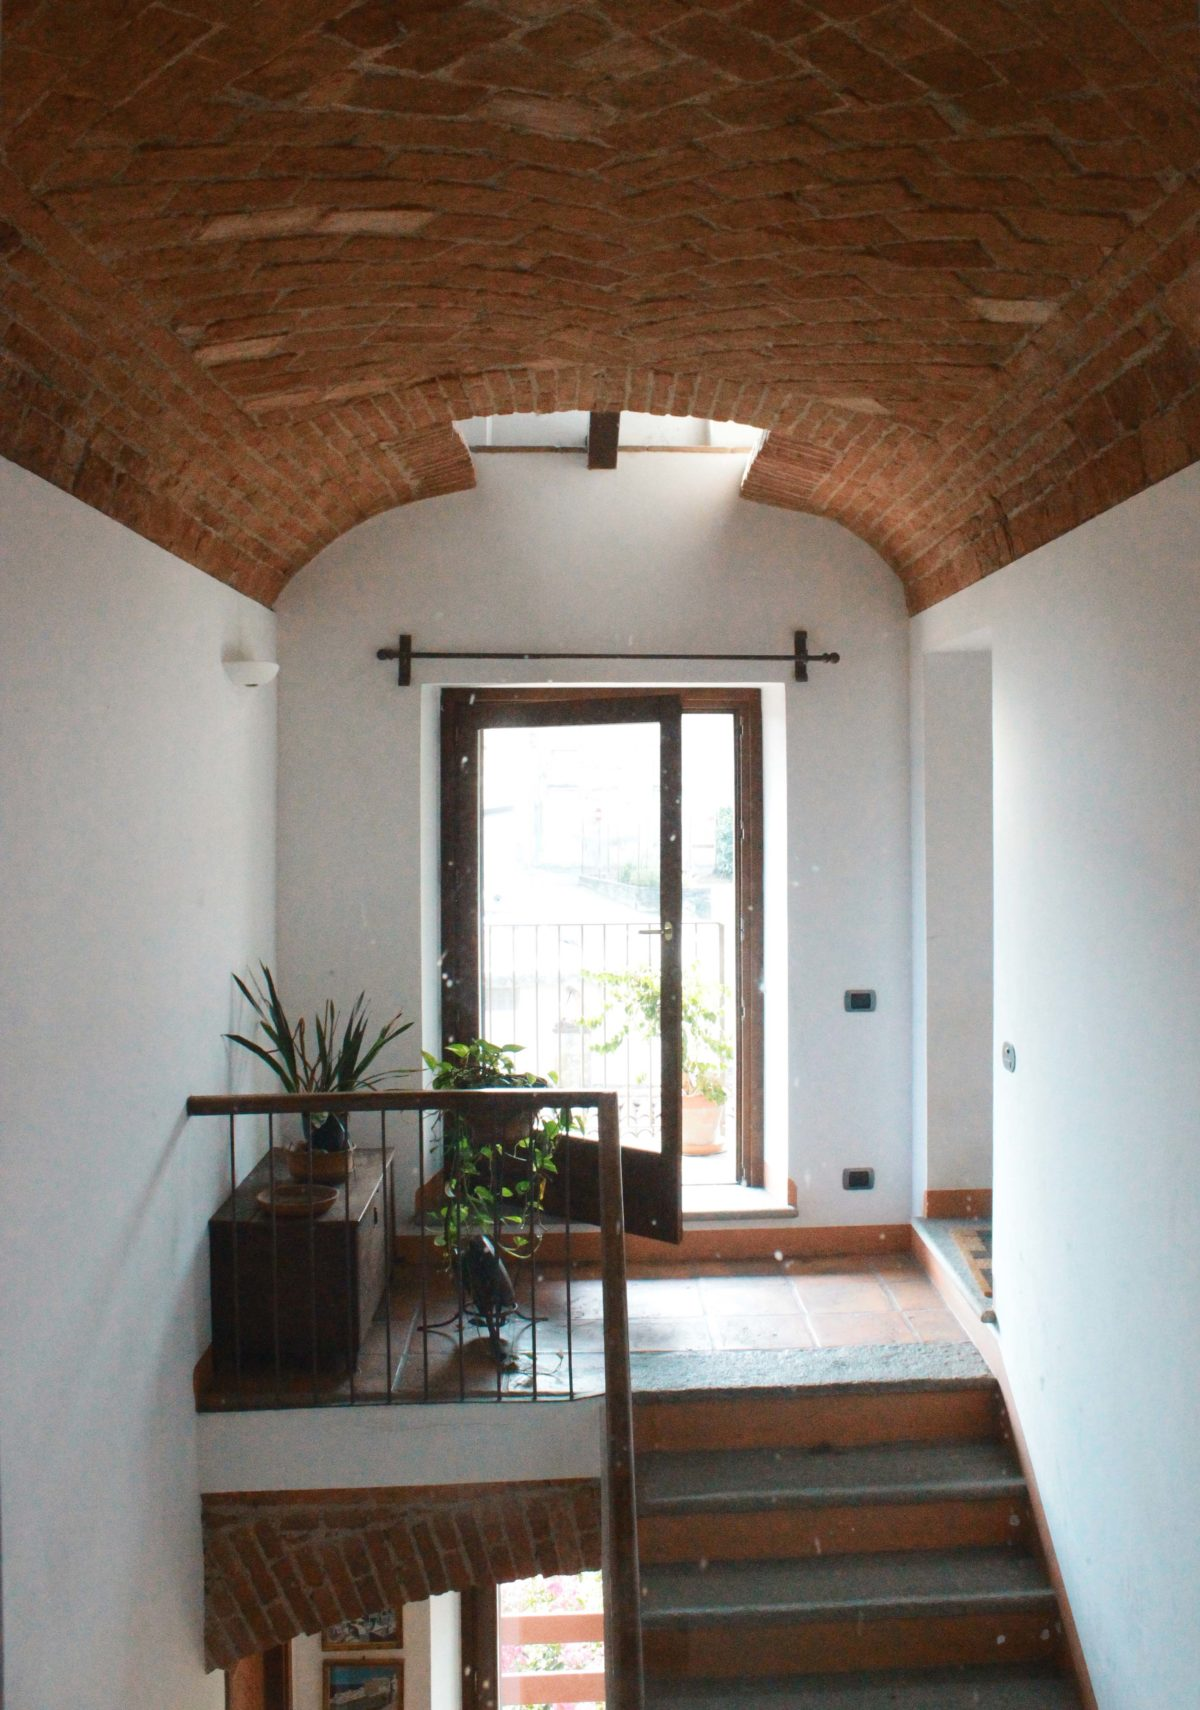 Alberto-Nisci-interior-designer-torino-Appartamento-8-e1474728897742